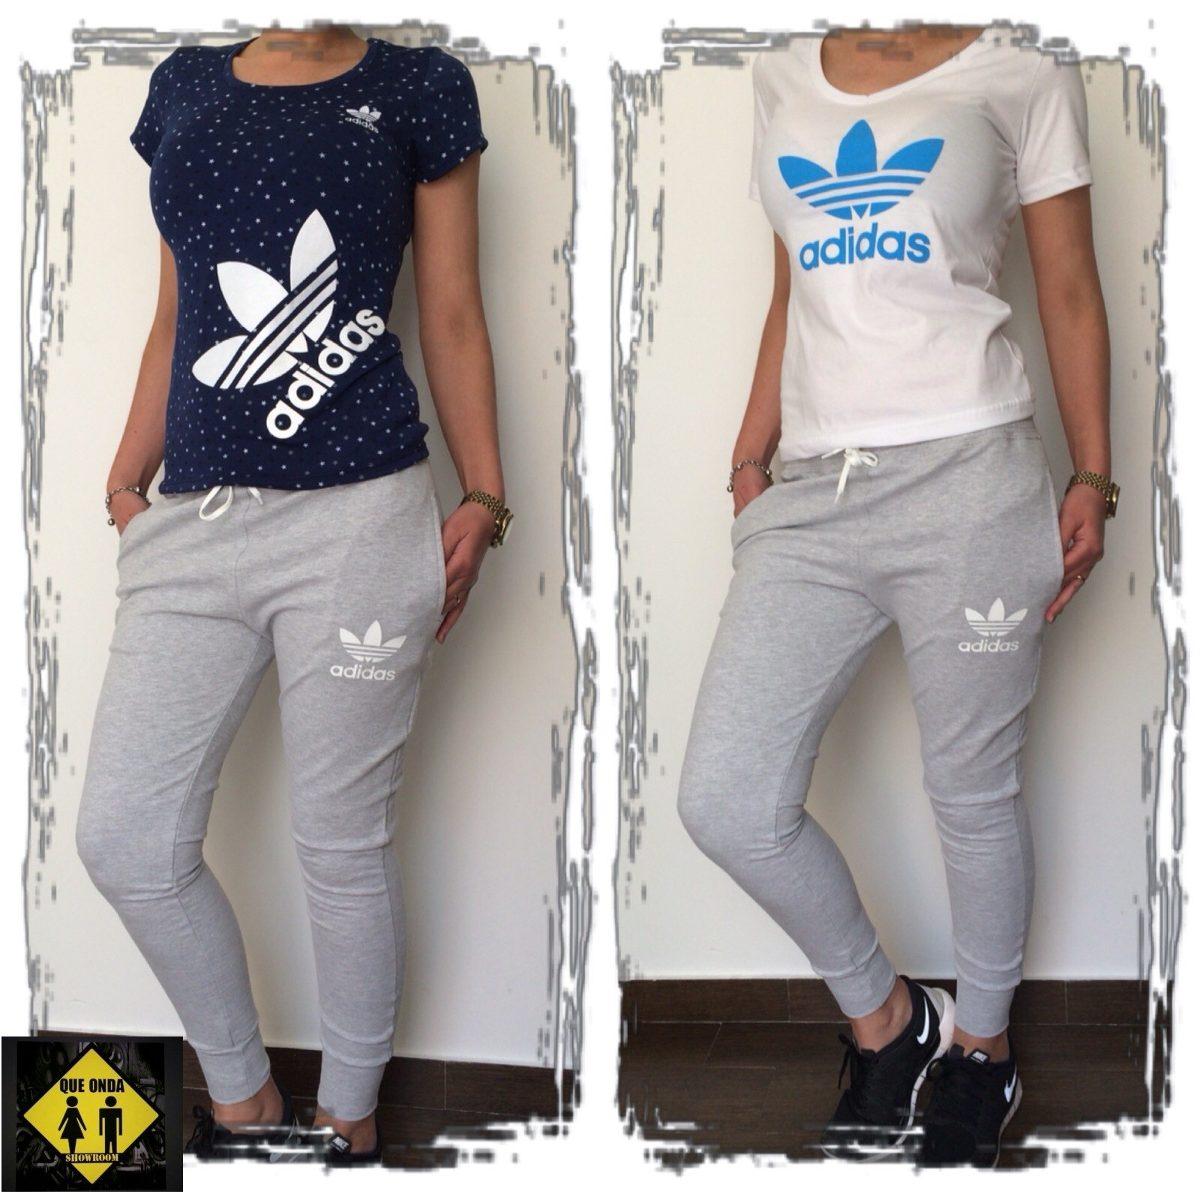 Adidas Original Mujer 2015